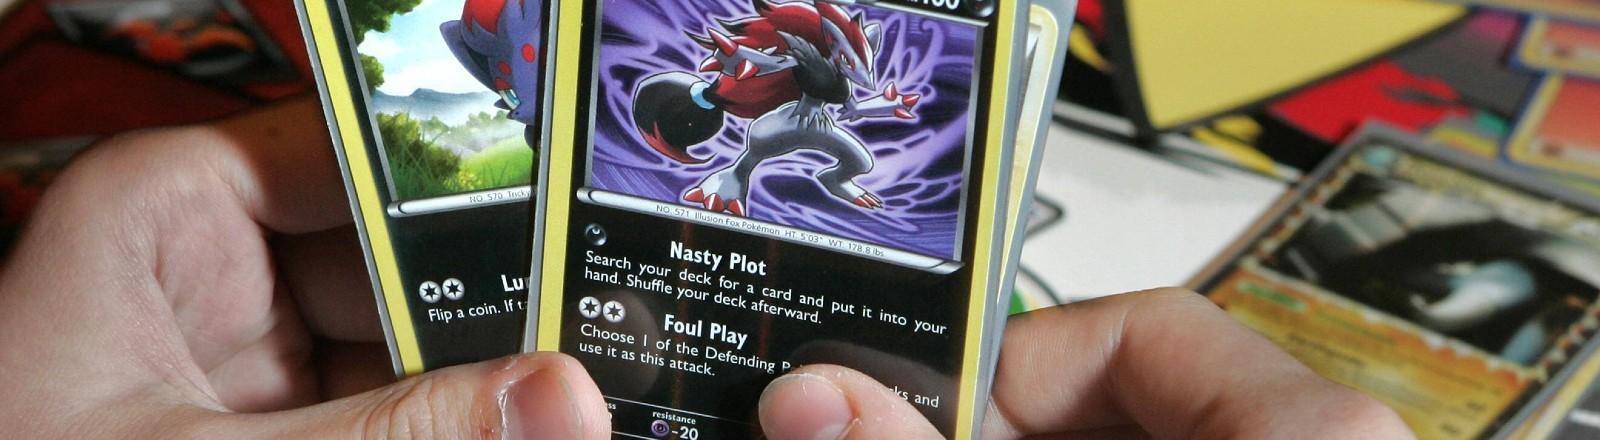 Zwei Pokemonkarten in einer Hand